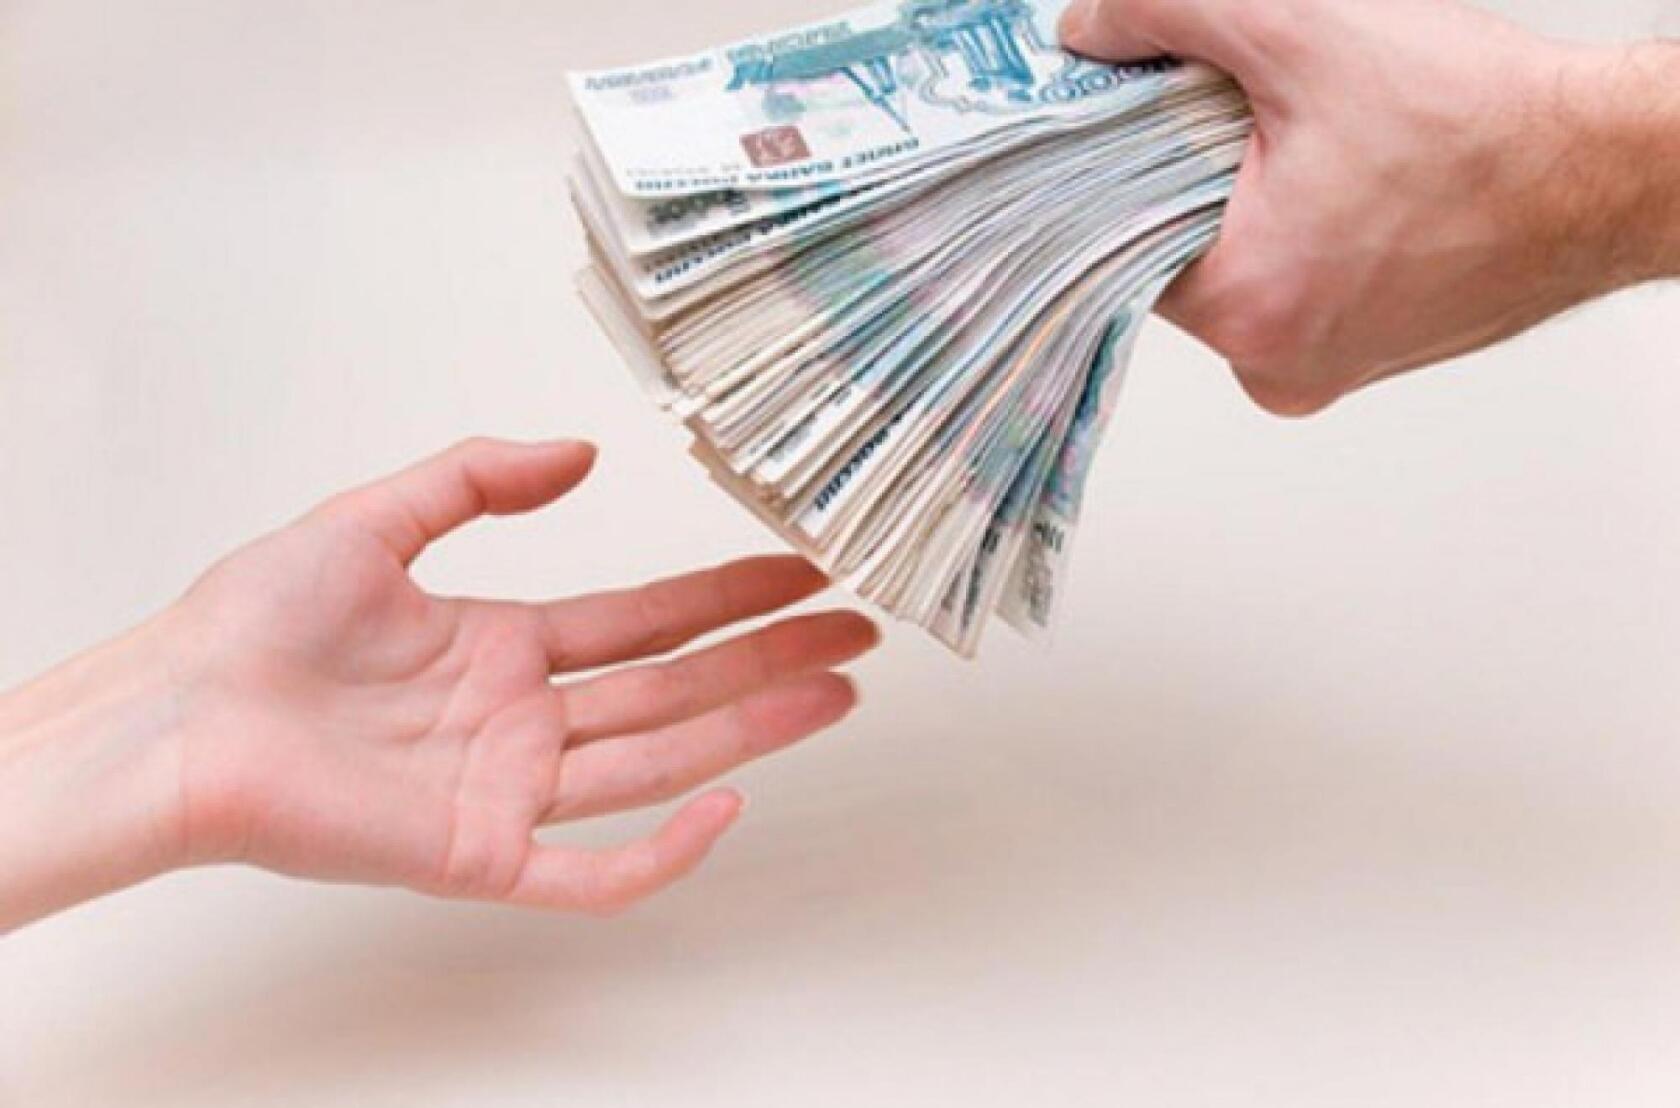 займы больших сумм денег